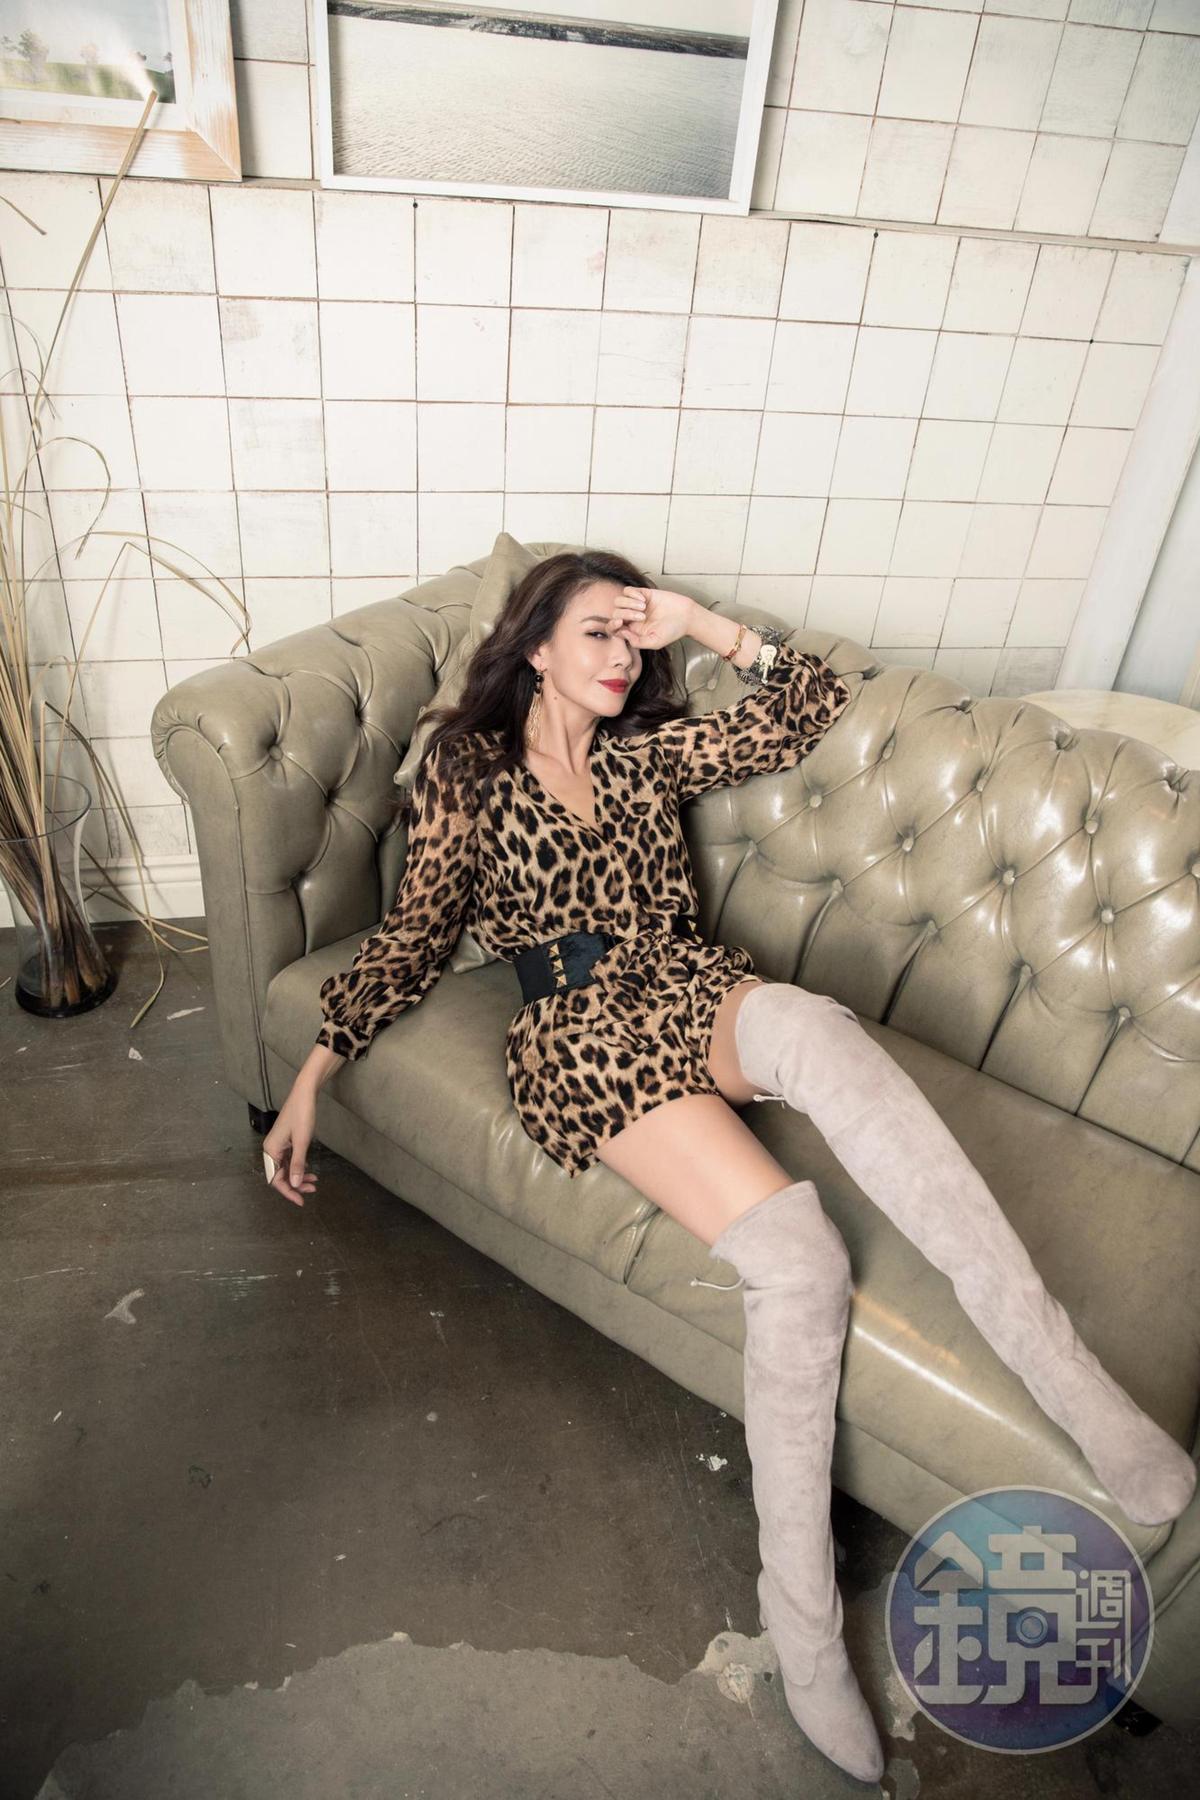 歐洲買的豹紋褲裝,約NT$2,600/歐洲買的過膝長靴,約NT$8,000/ALDO戒指,約NT$600。